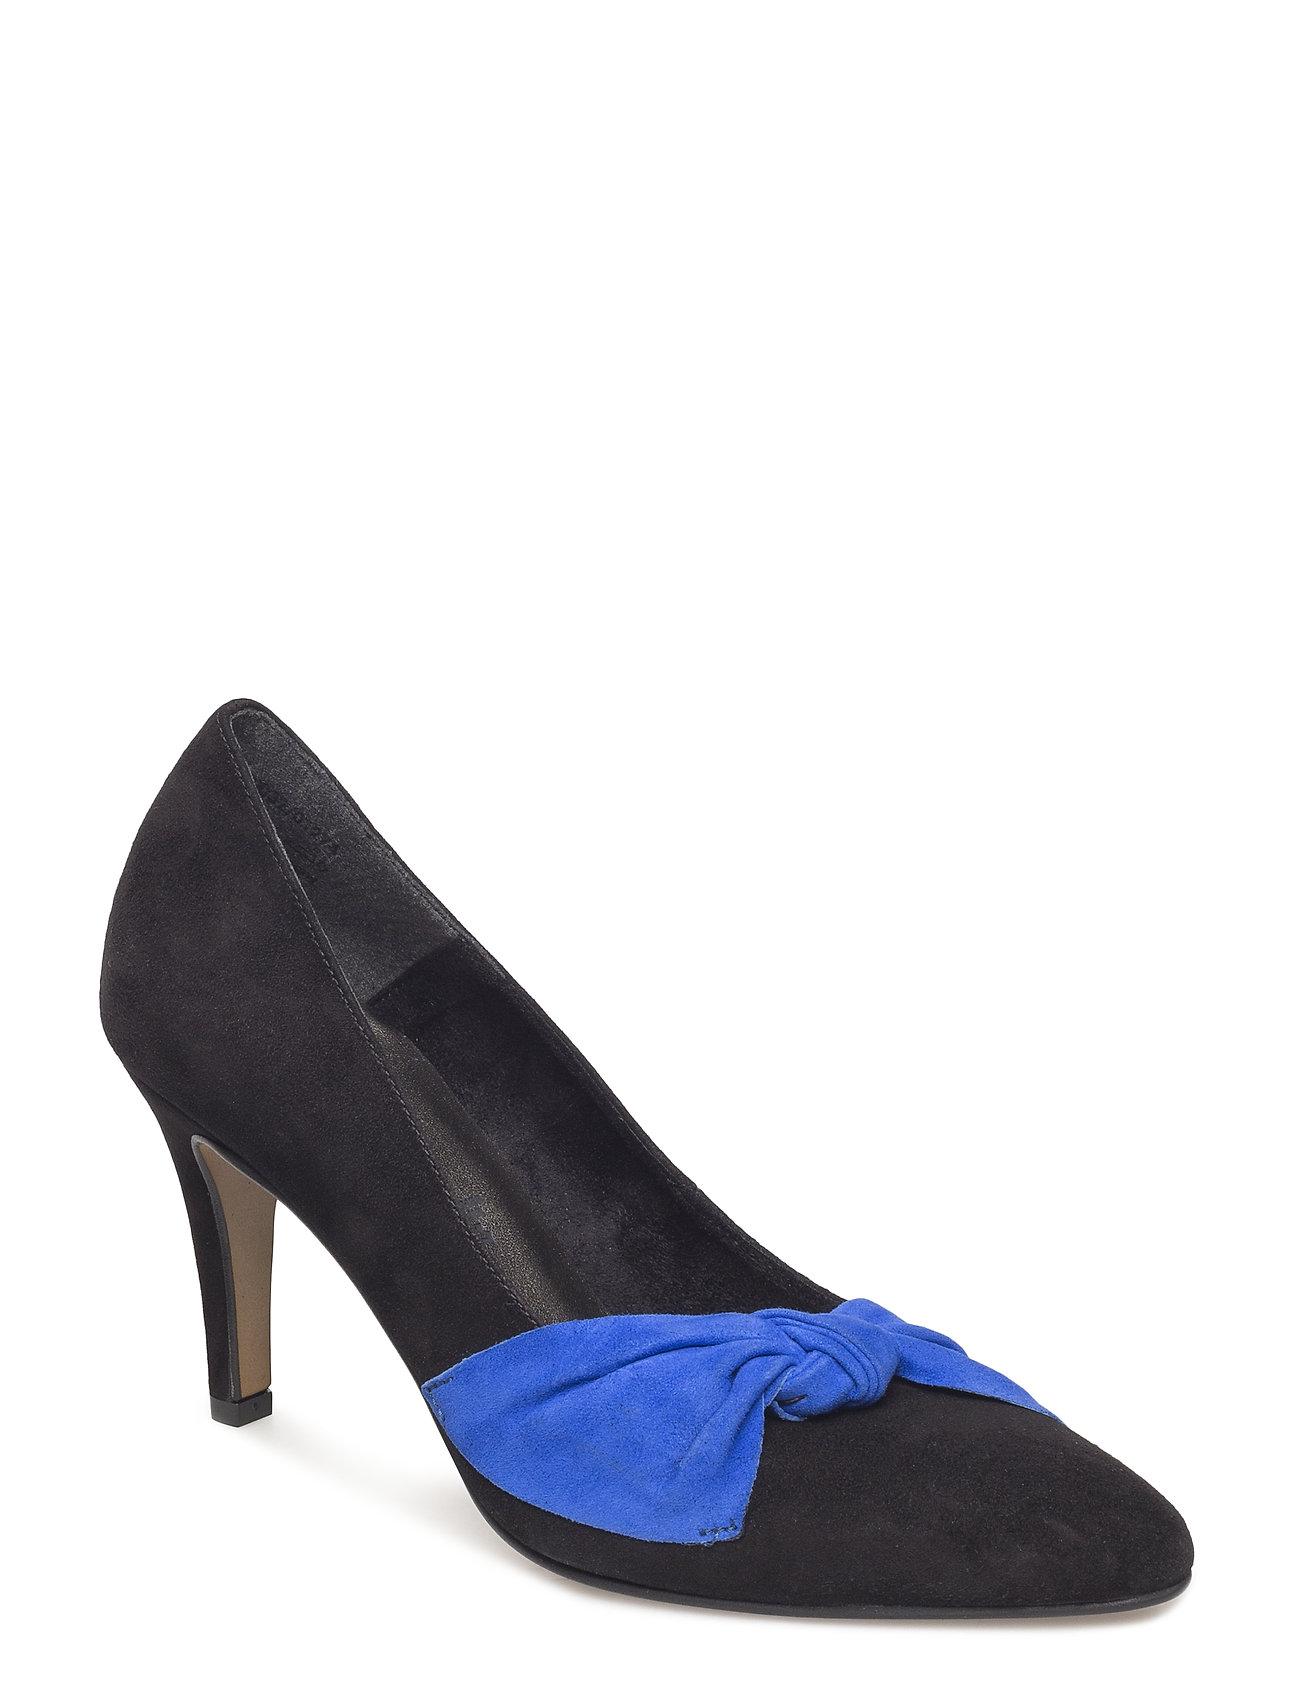 Tamaris Woms Court Shoe - BLACK/ROYAL